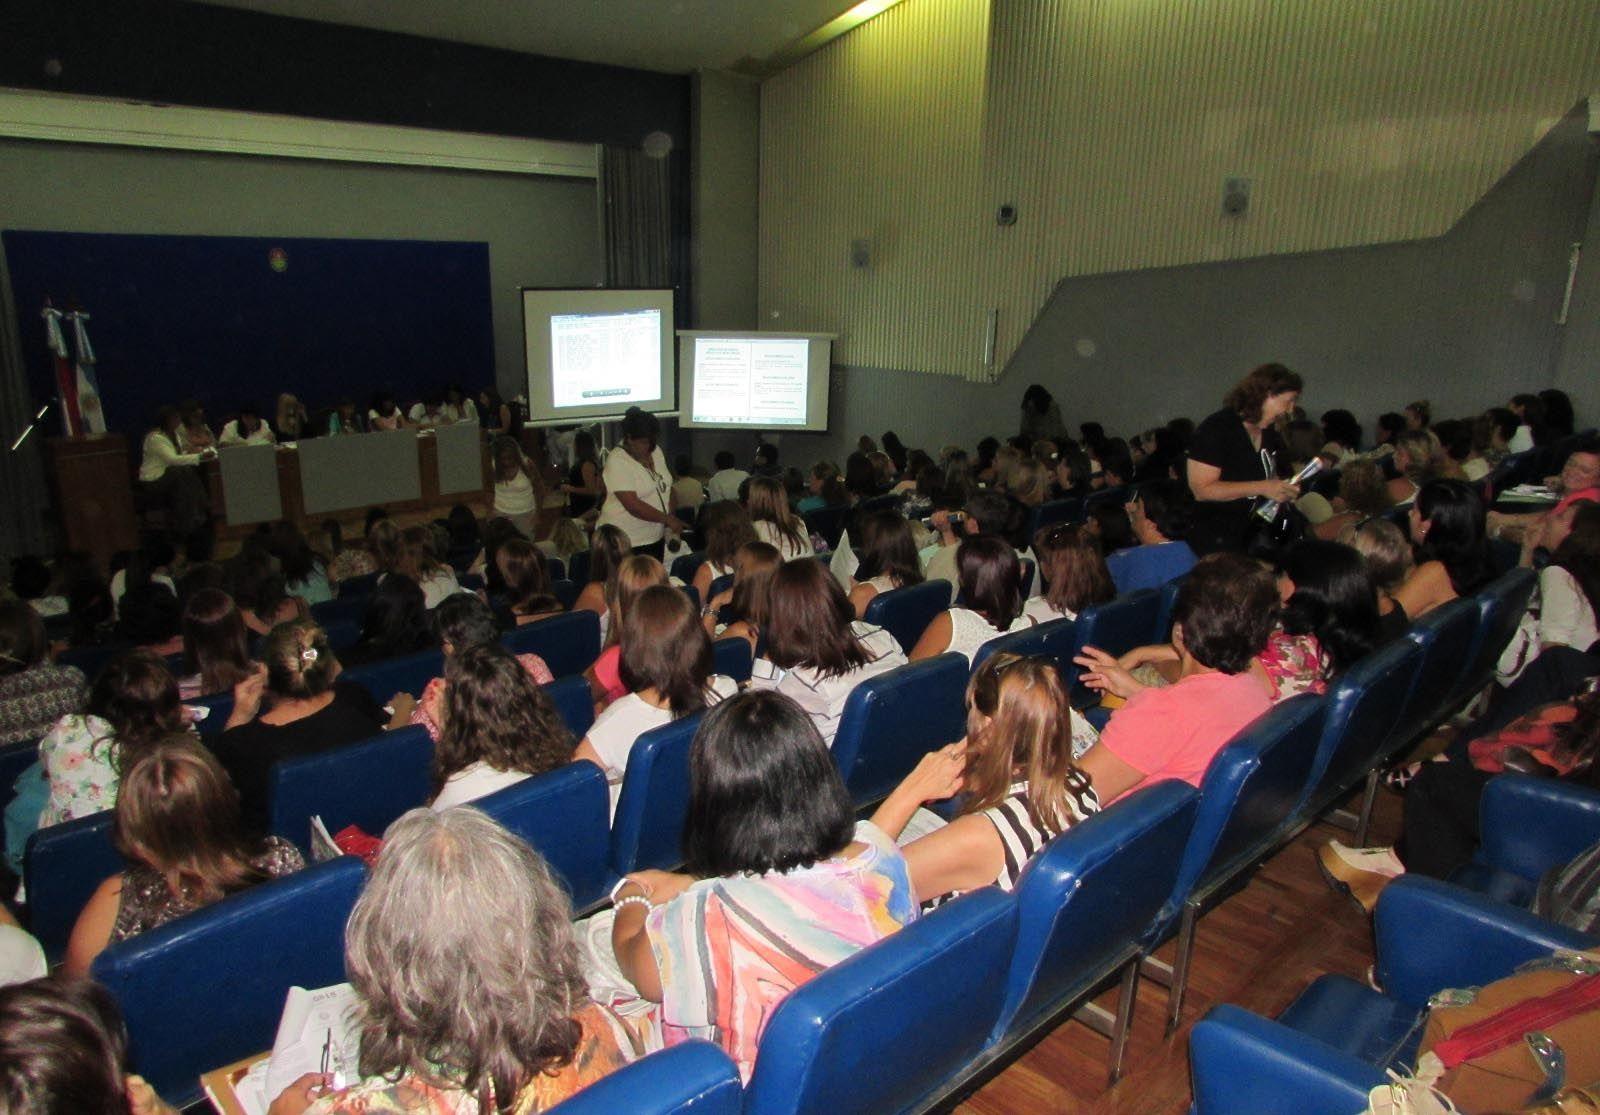 Peccín realizó el discurso hoy por la mañana en el salón del CGE. Foto/Agmer.